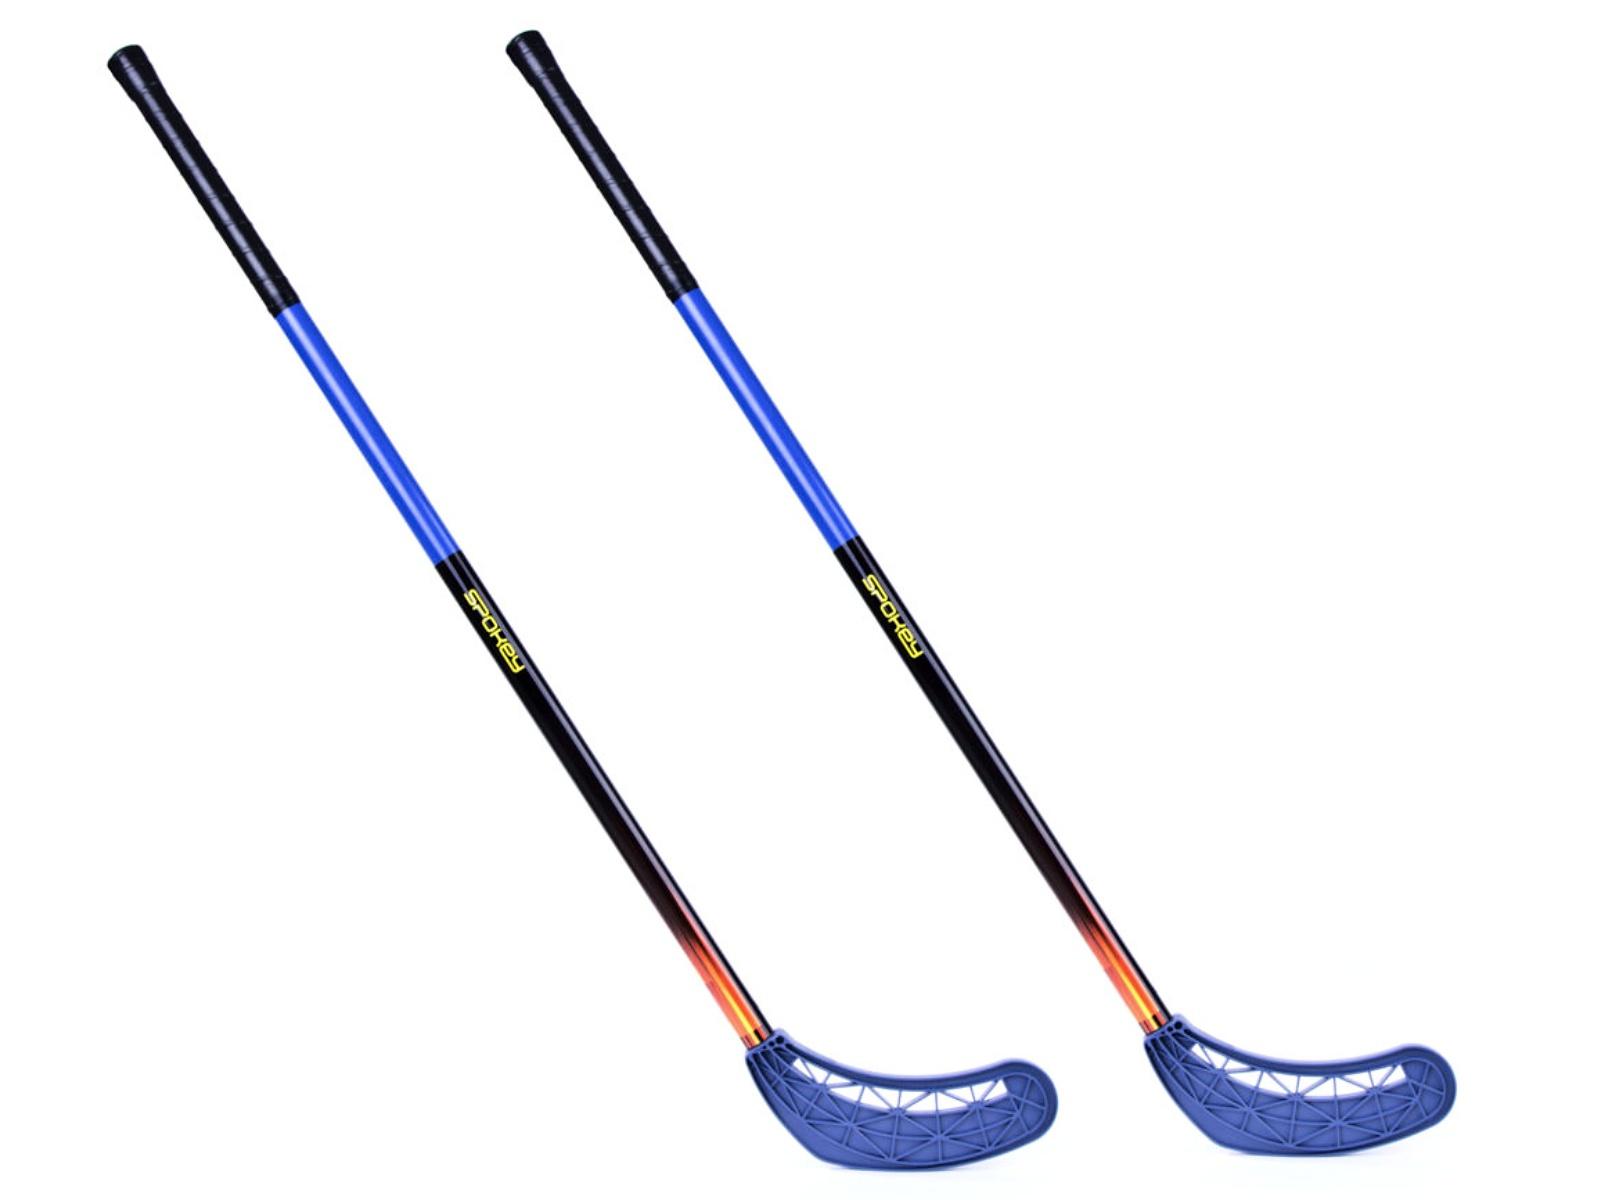 Florbalová hůl SPOKEY Avid II modrá